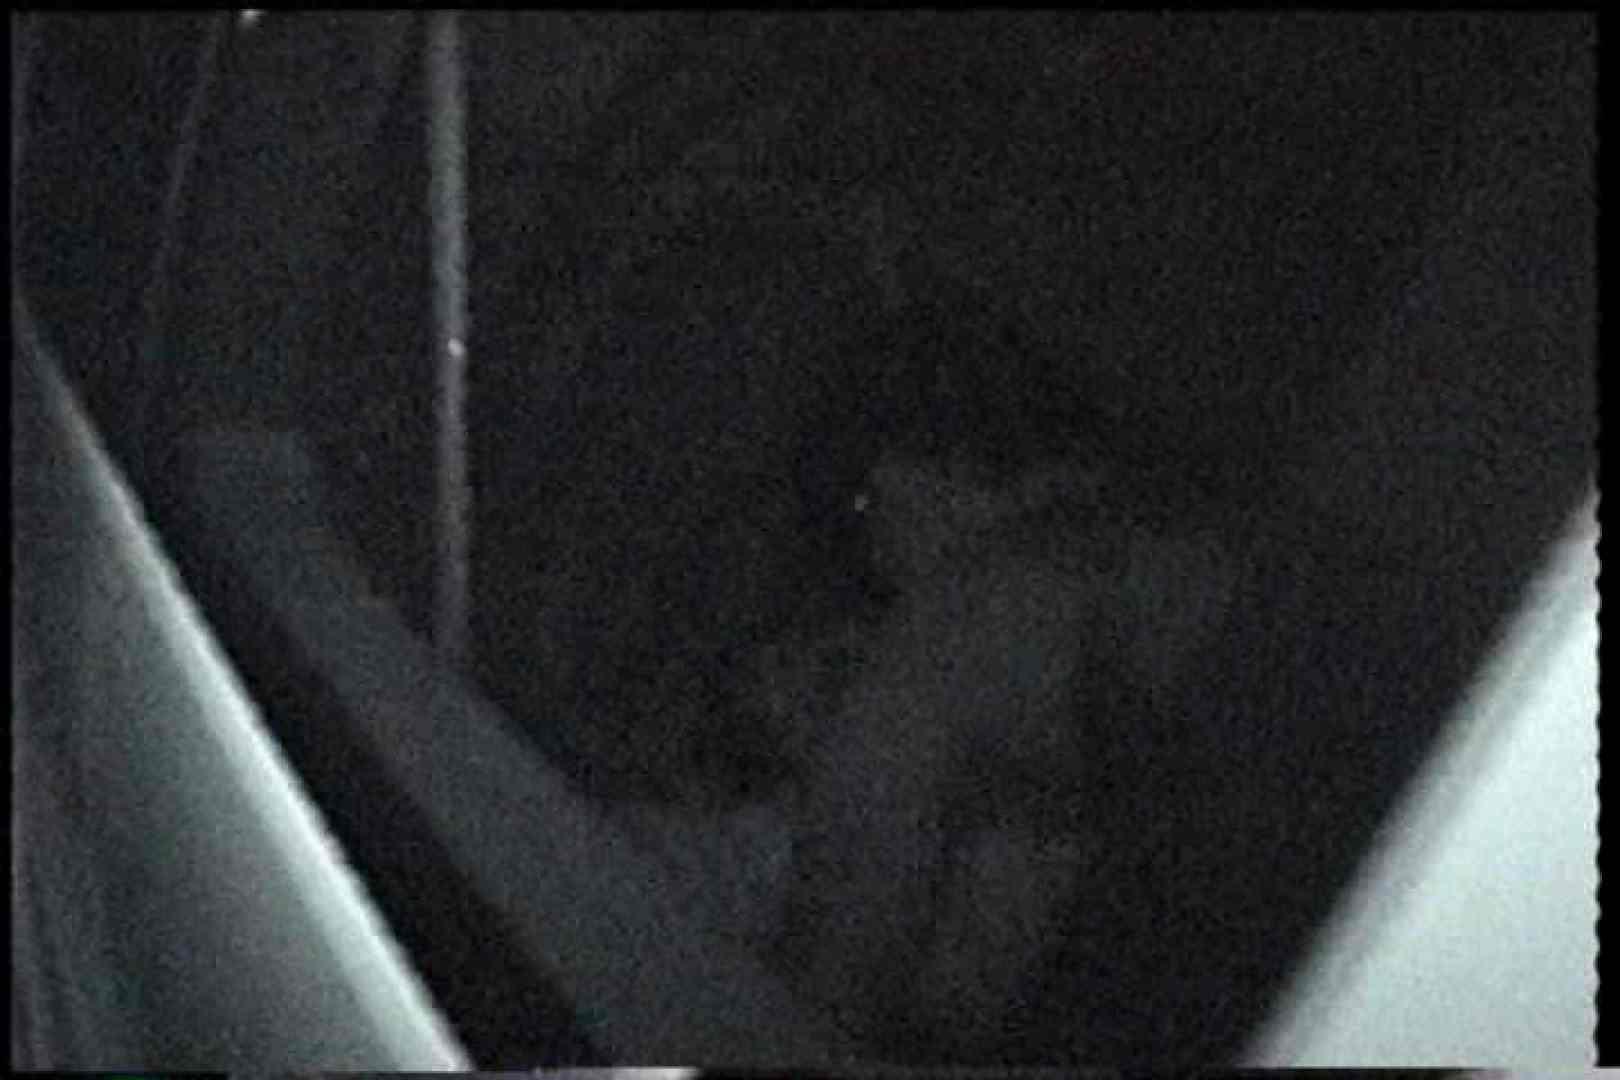 充血監督の深夜の運動会Vol.217 カップル | 独身エッチOL  74pic 68